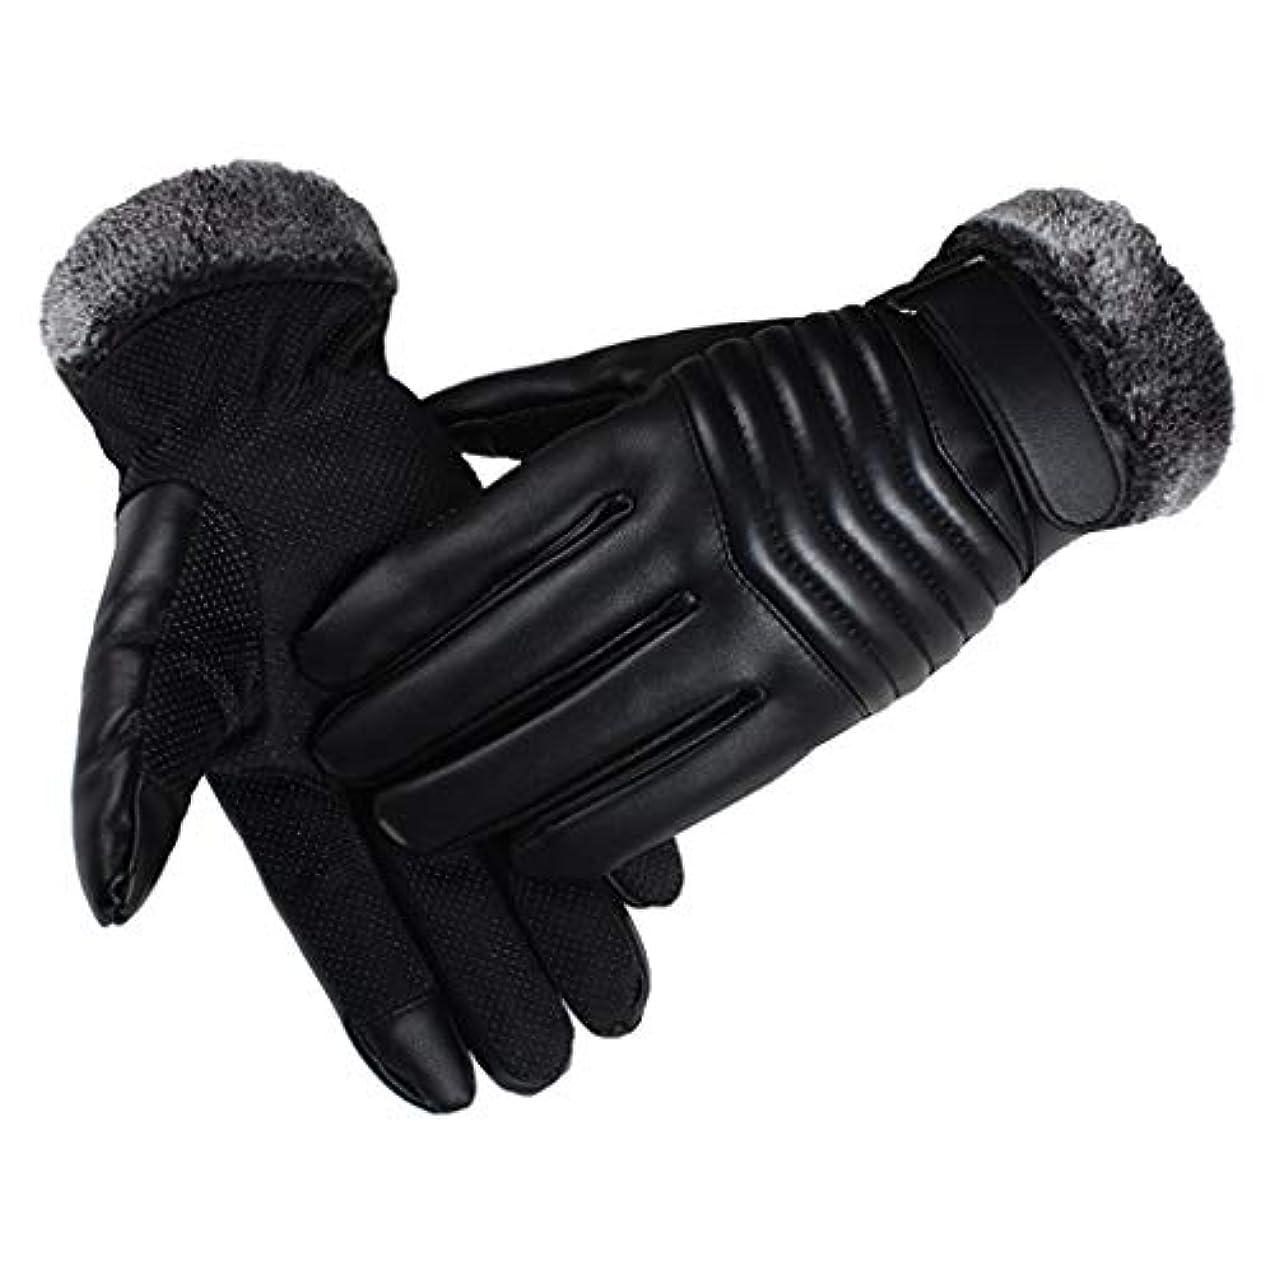 シャワーガラガラ非公式手袋ミトン、秋冬バイク厚手の暖かい革スマートフォンタッチスクリーン屋外自転車ウォーキングランニングハイキング